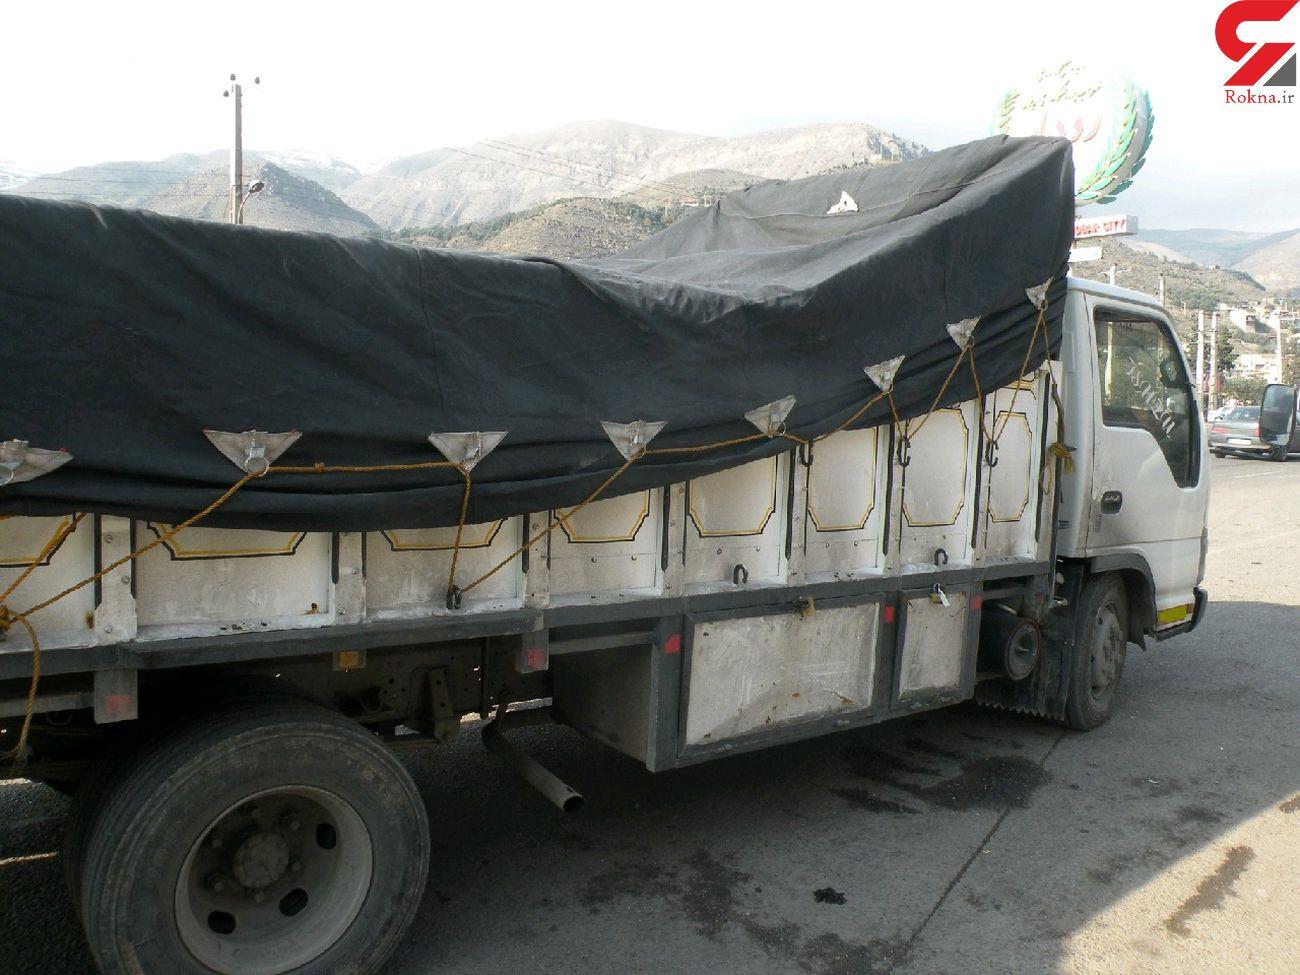 توقیف 6 دستگاه کامیون حامل بیش از 7 هزار قطعه مرغ فاقد مجوز در رودبار